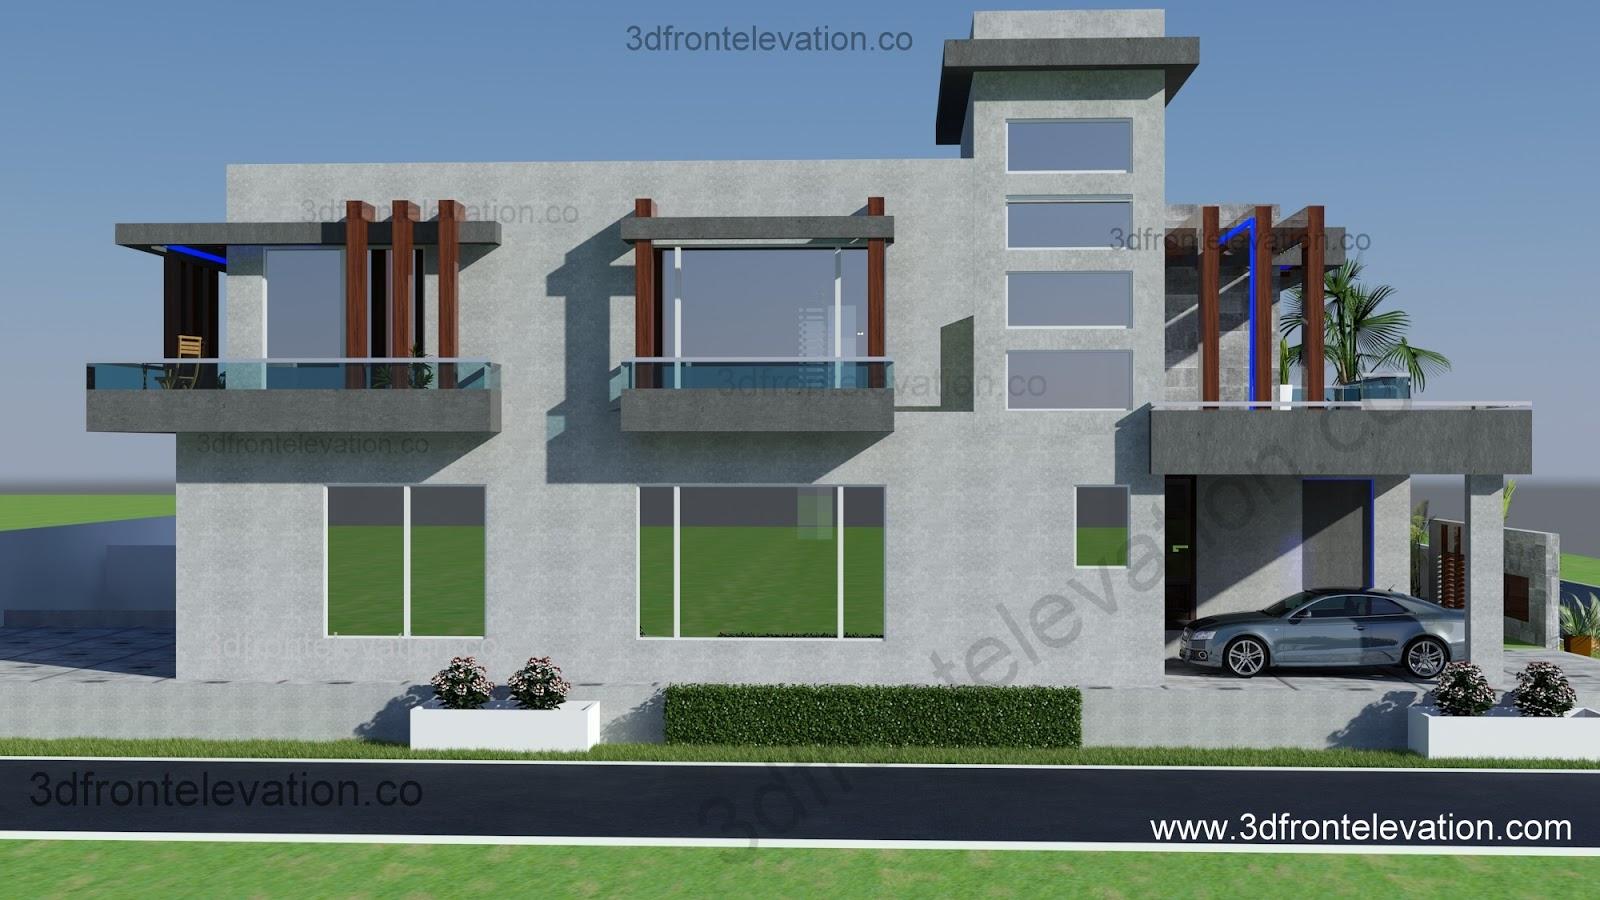 Villa House Front Elevation : D front elevation فيلا بناء جديد للبيع في الرمال